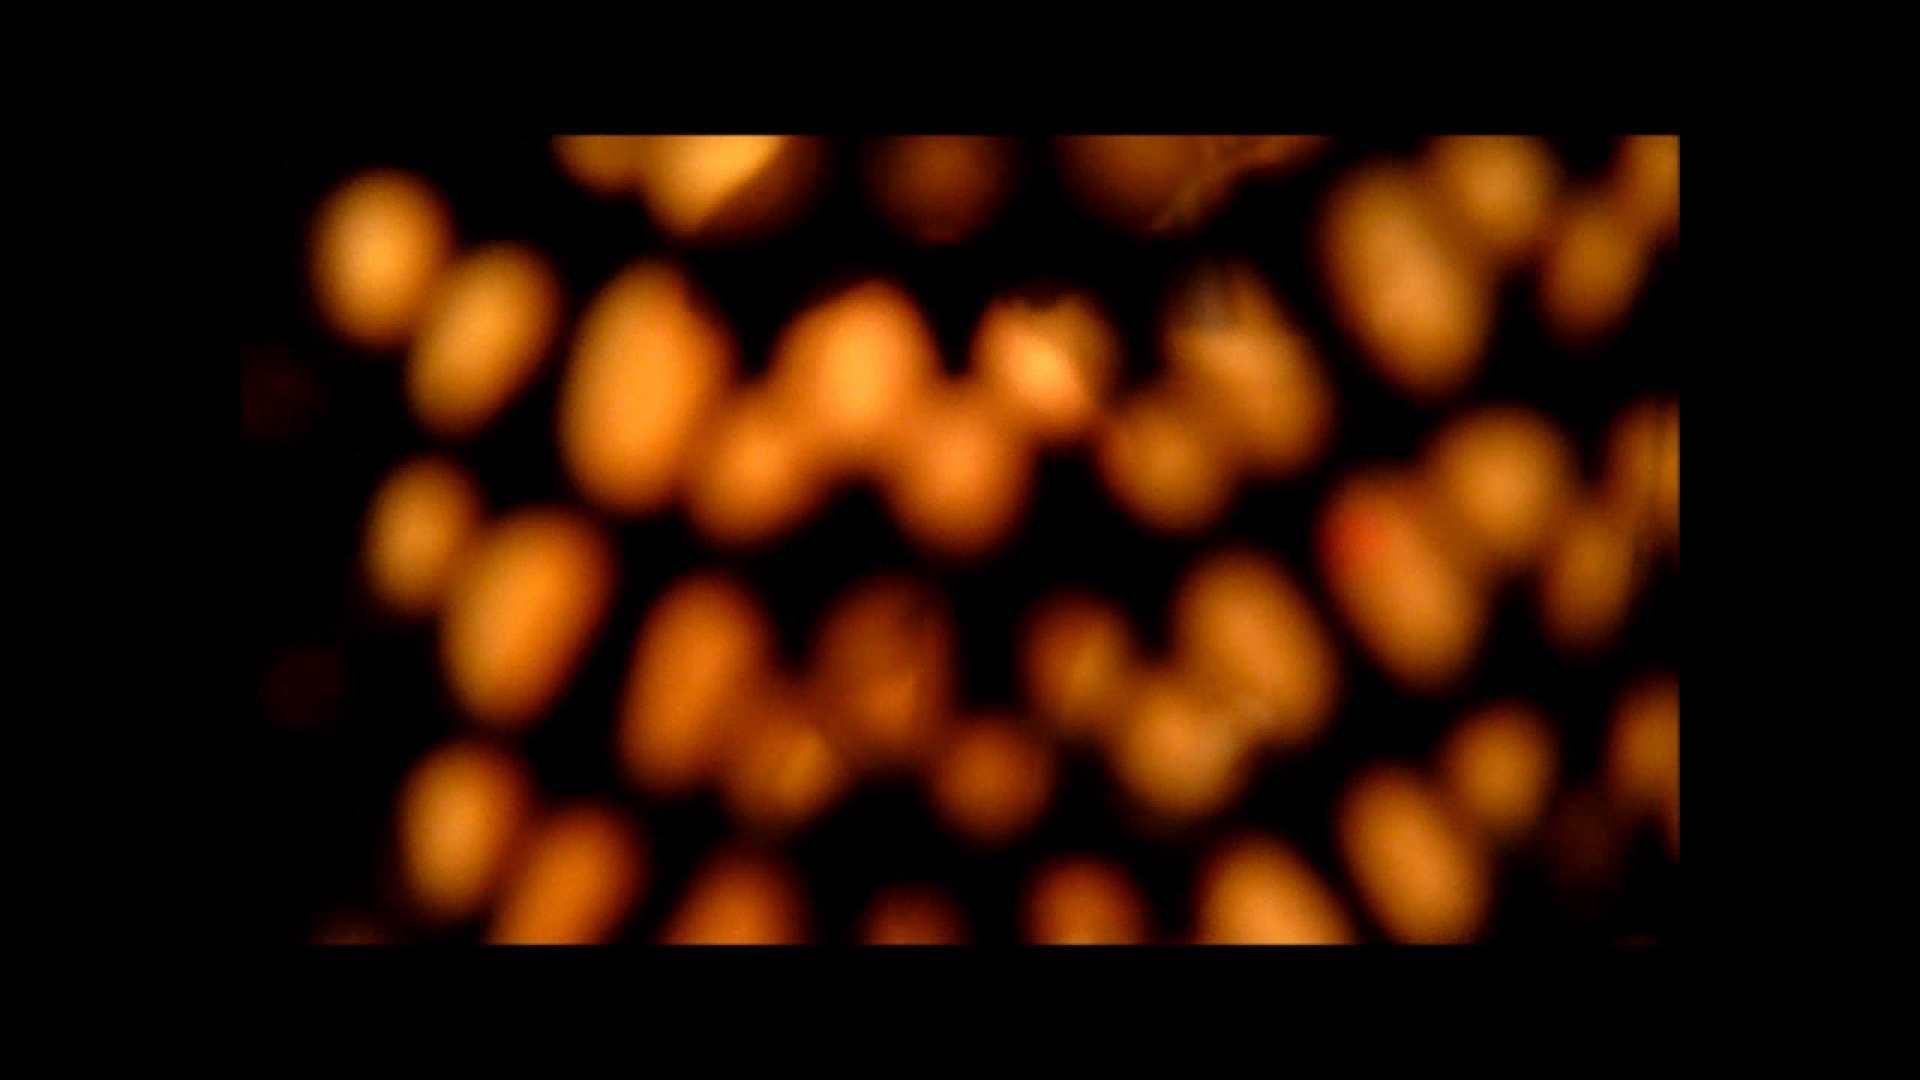 【02】ベランダに侵入して張り込みを始めて・・・やっと結果が出ました。 家宅侵入 | 0  82画像 36